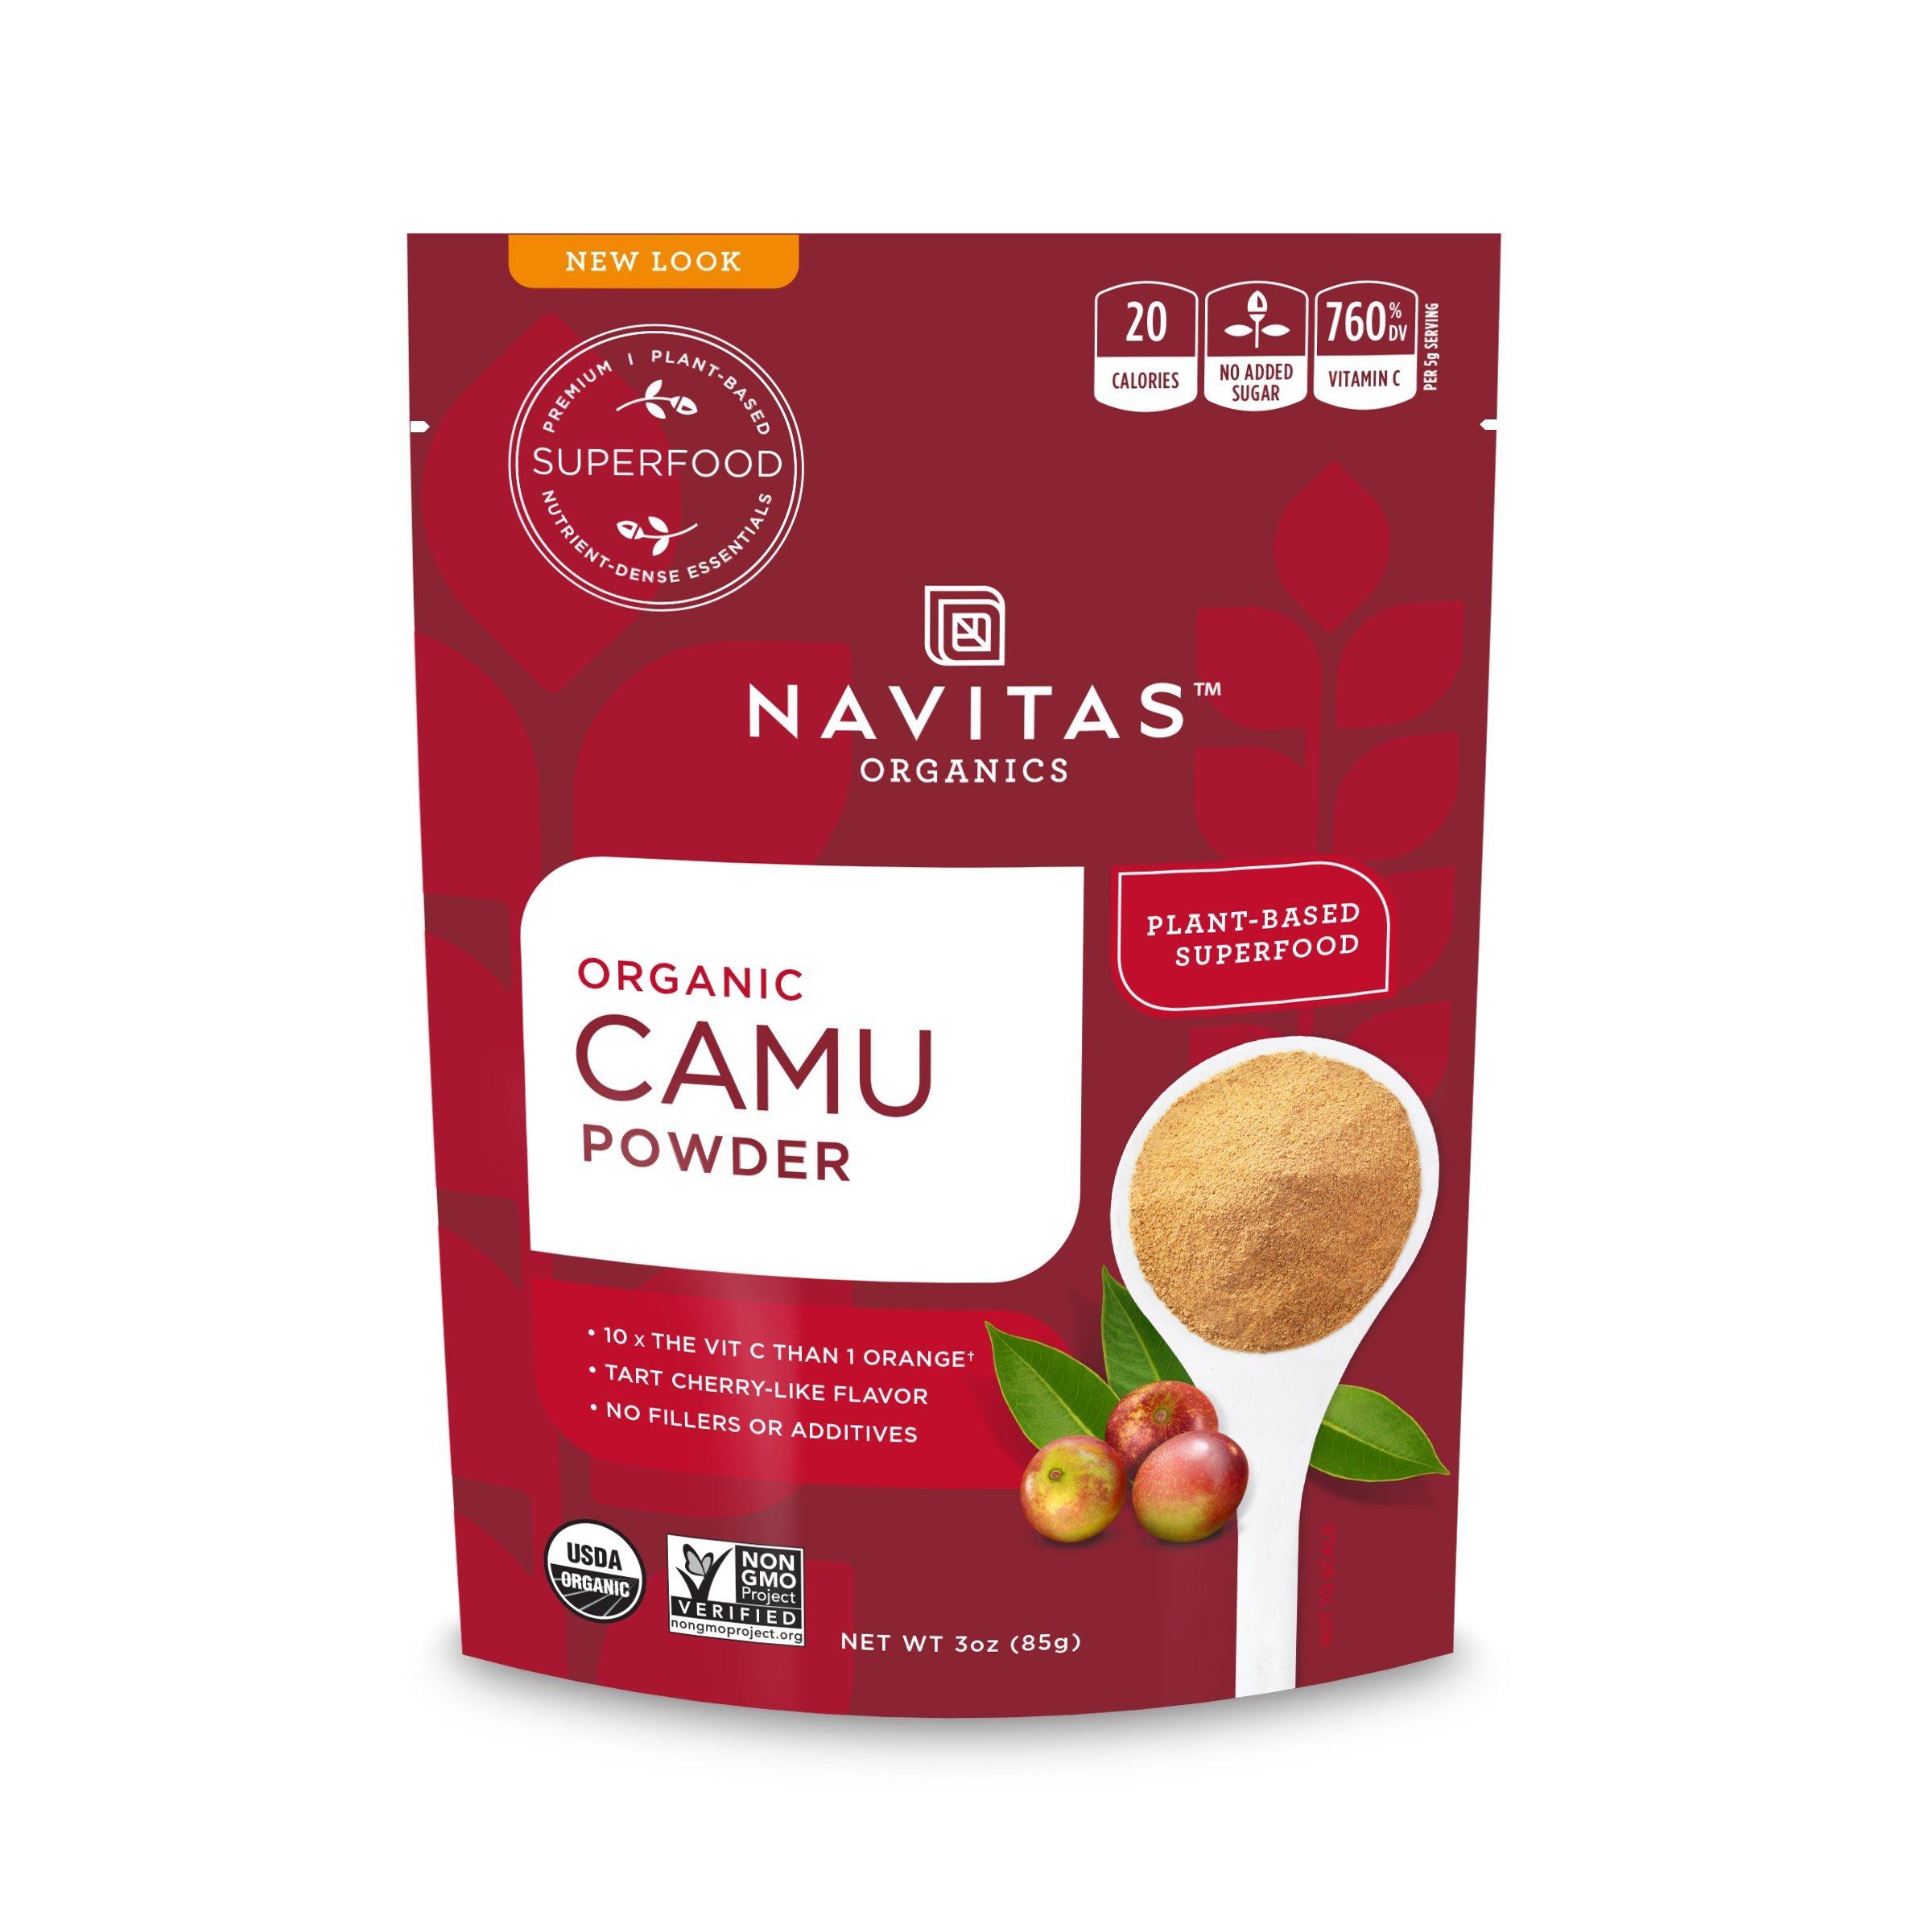 Navitas Organics Camu Camu Powder, 3 oz. Bag — Organic, Non-GMO, Gluten-Free